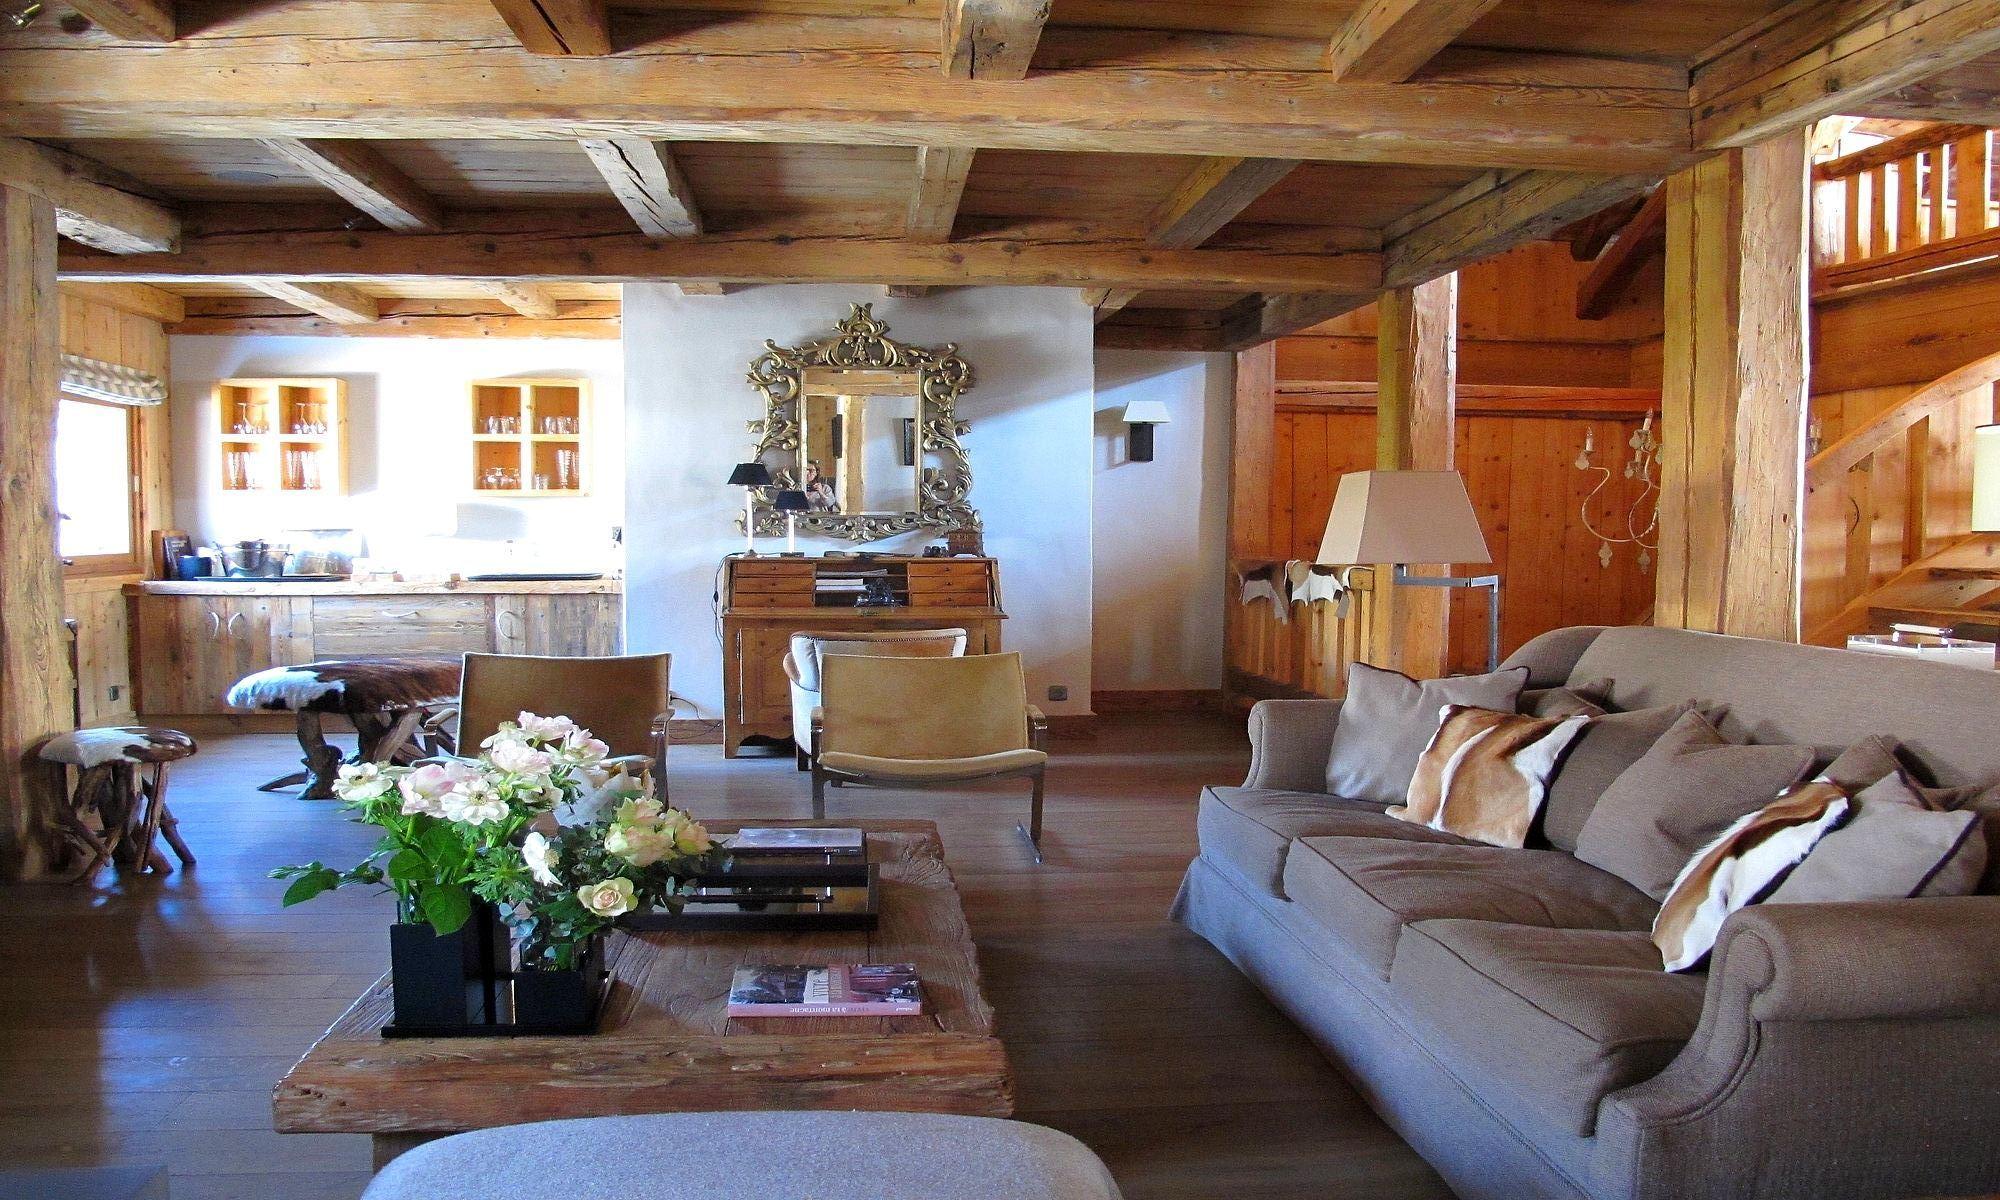 Property For Sale at Praz sur Arly Chalet Alpette